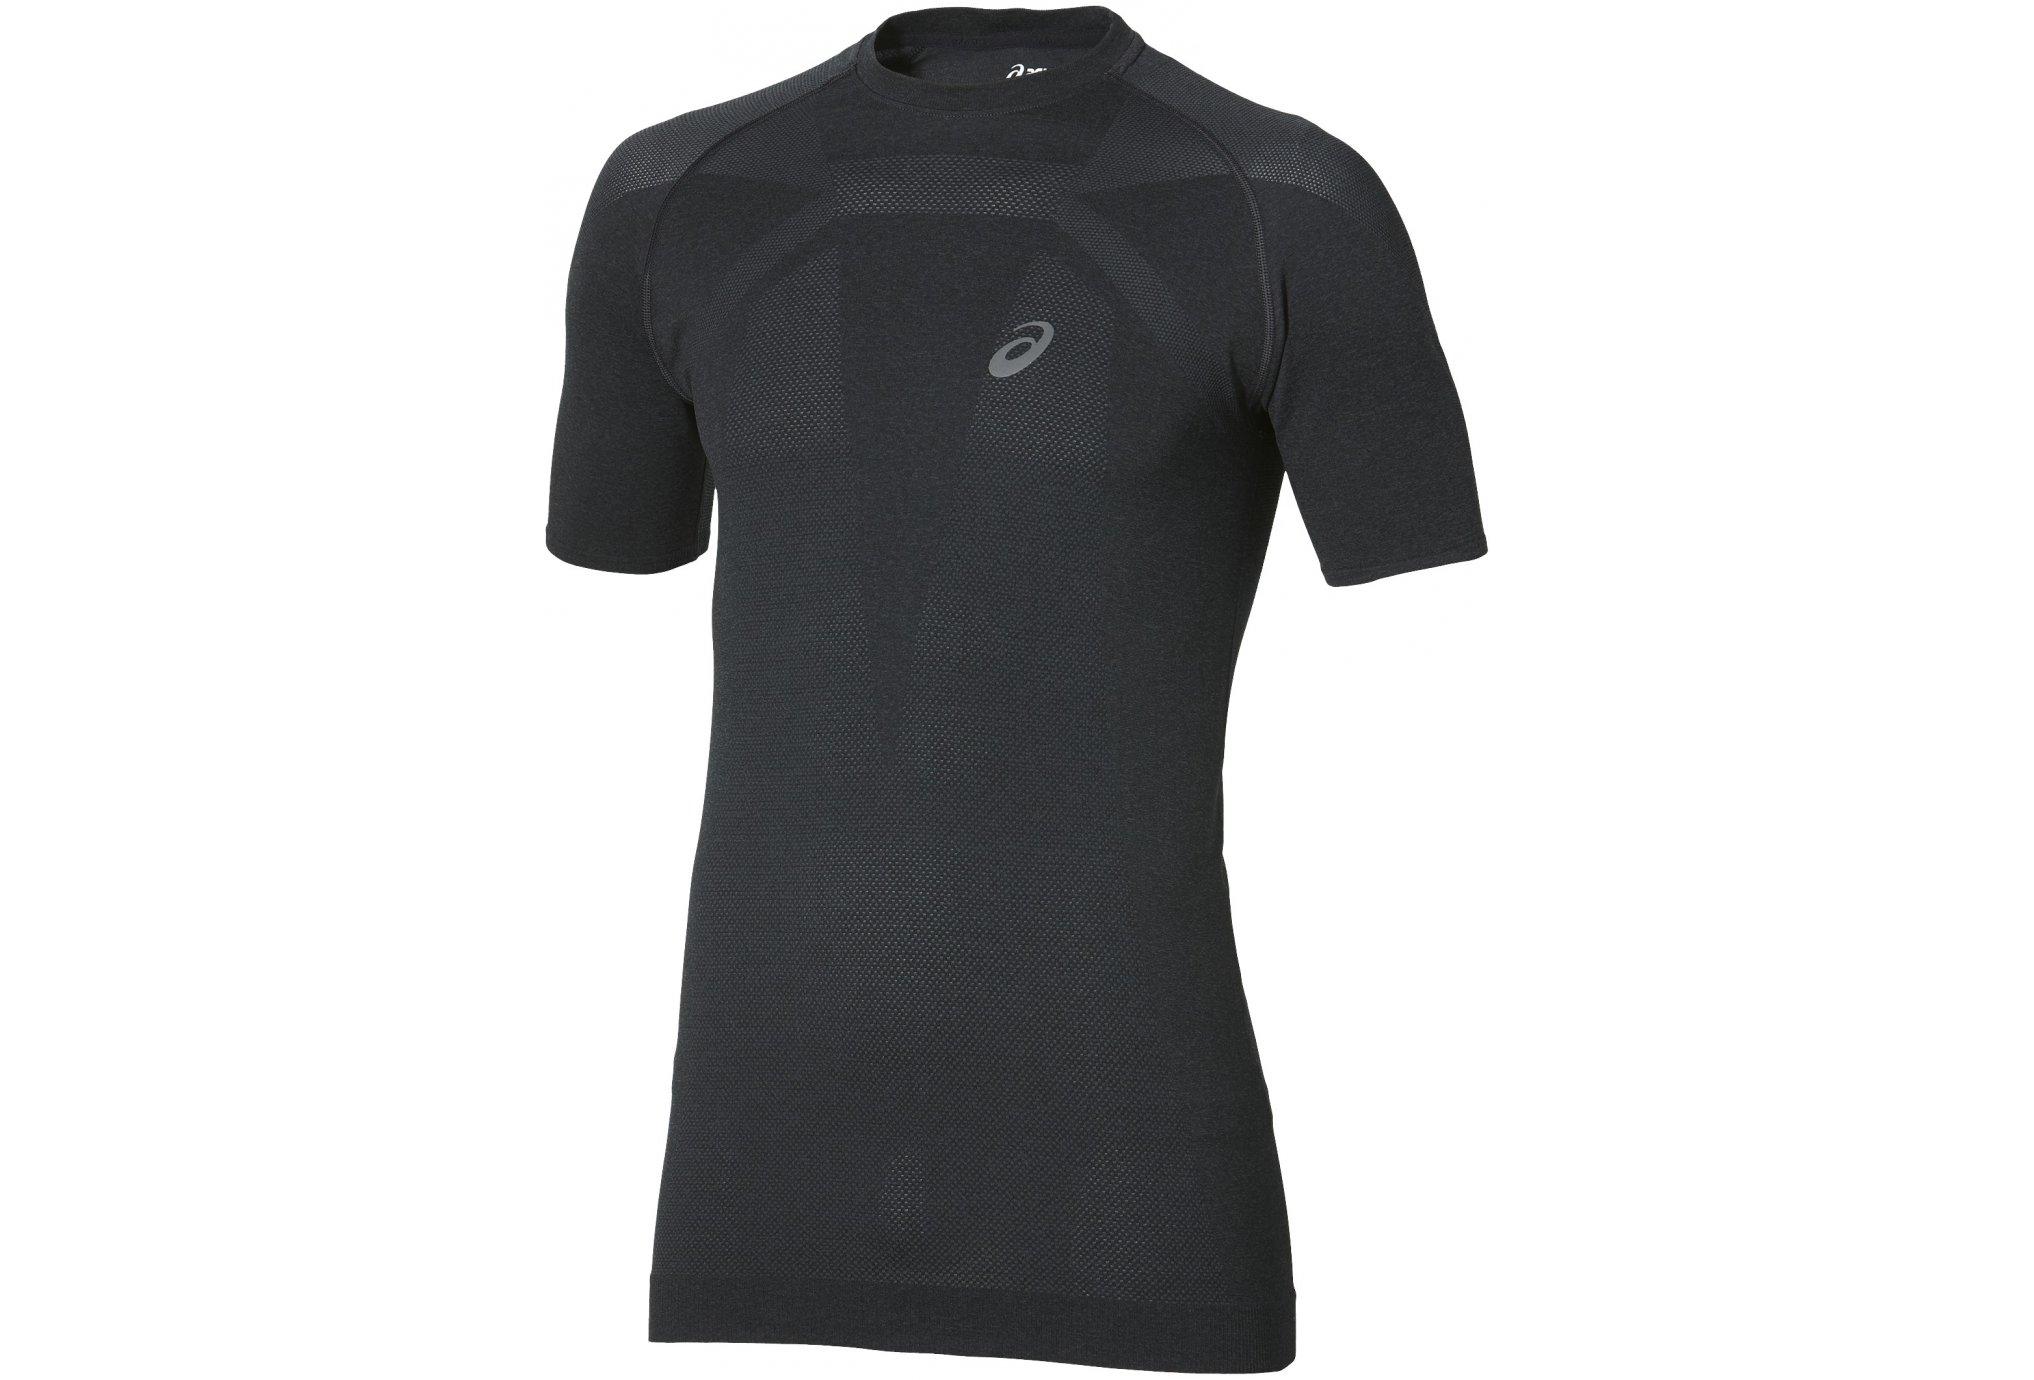 SILBER TOUR - Asics Seamless M vêtement running homme 0a2f39222753